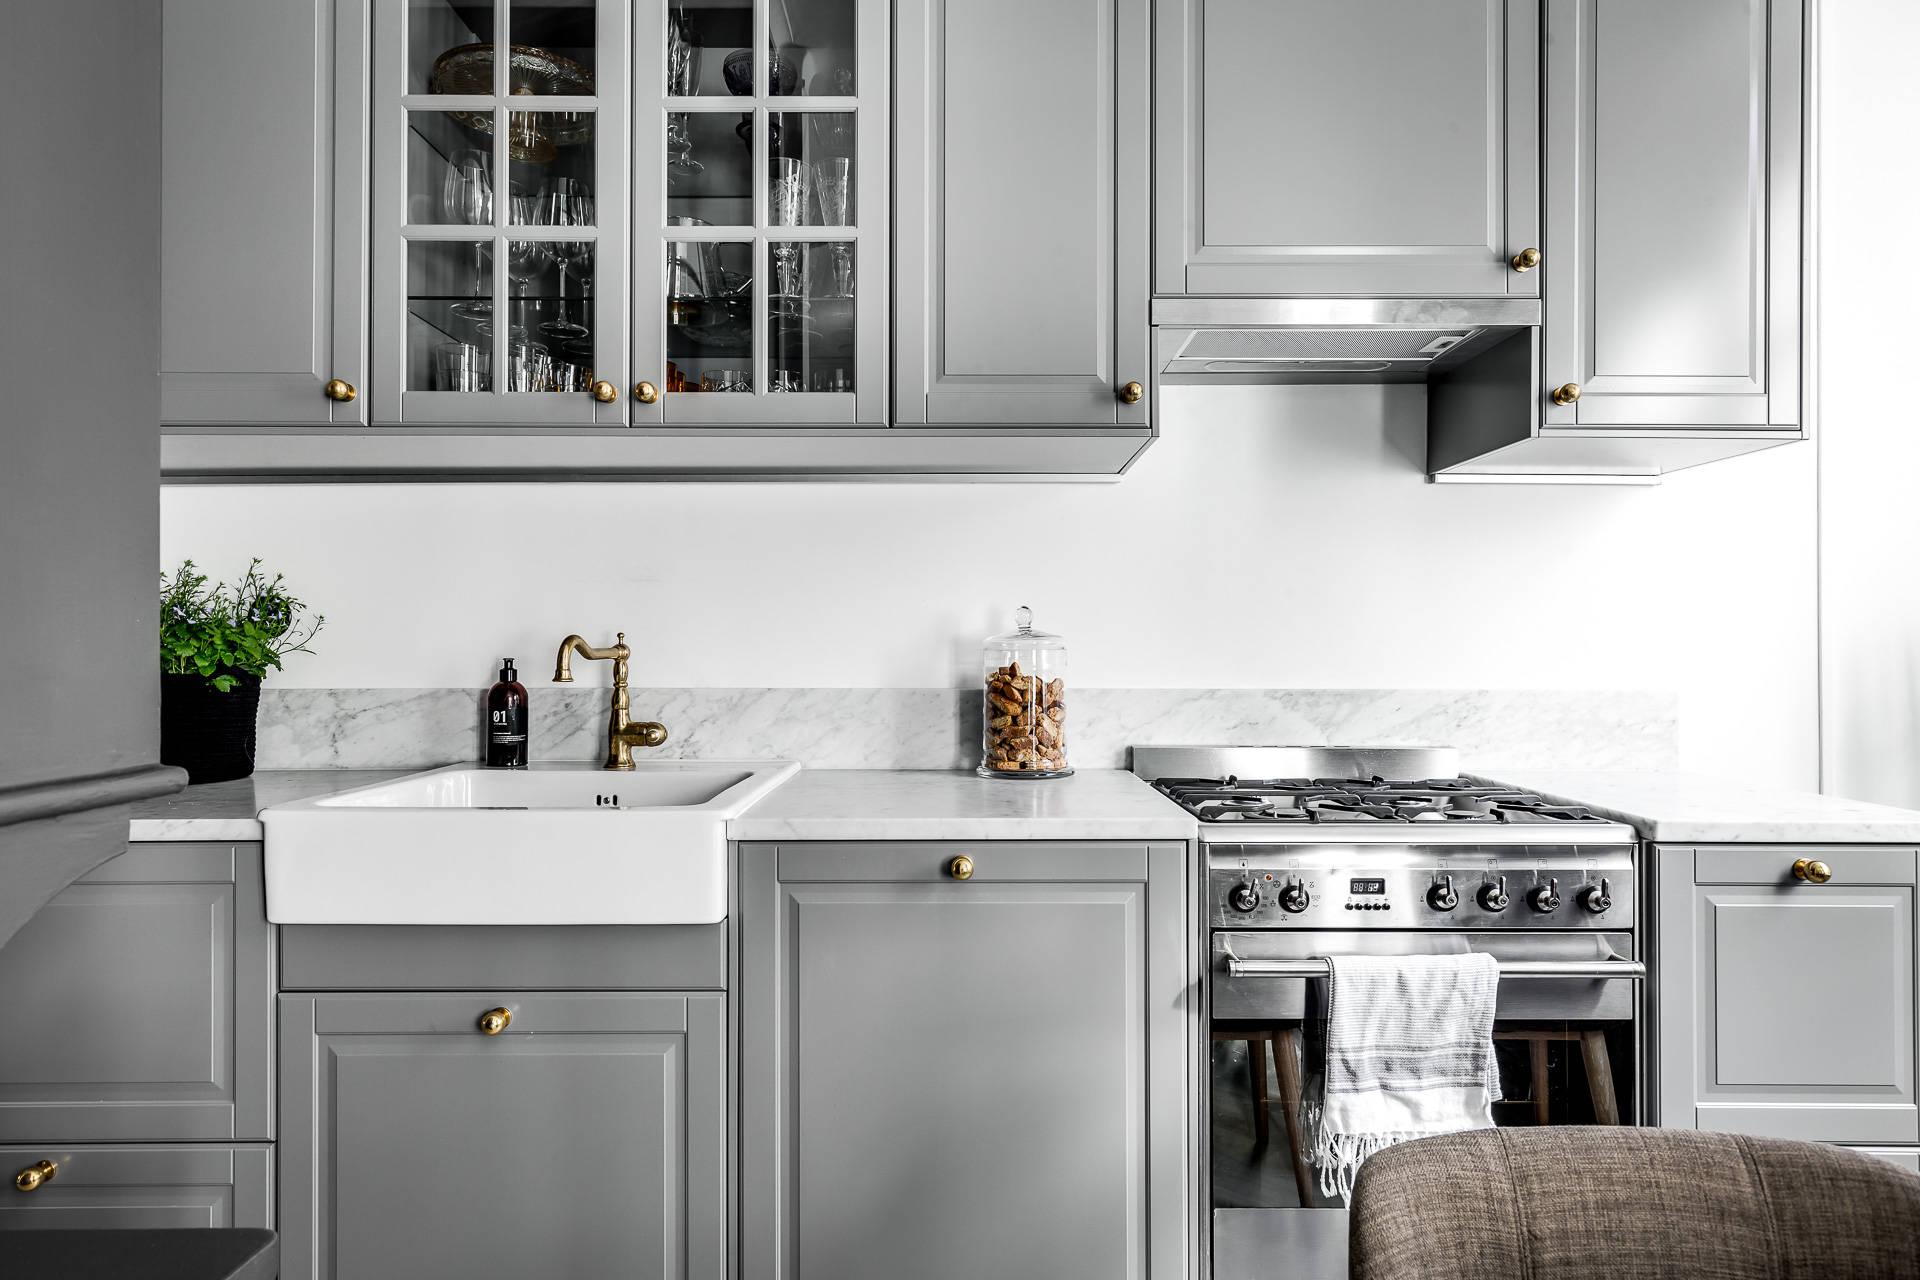 кухонная мебель плита раковина